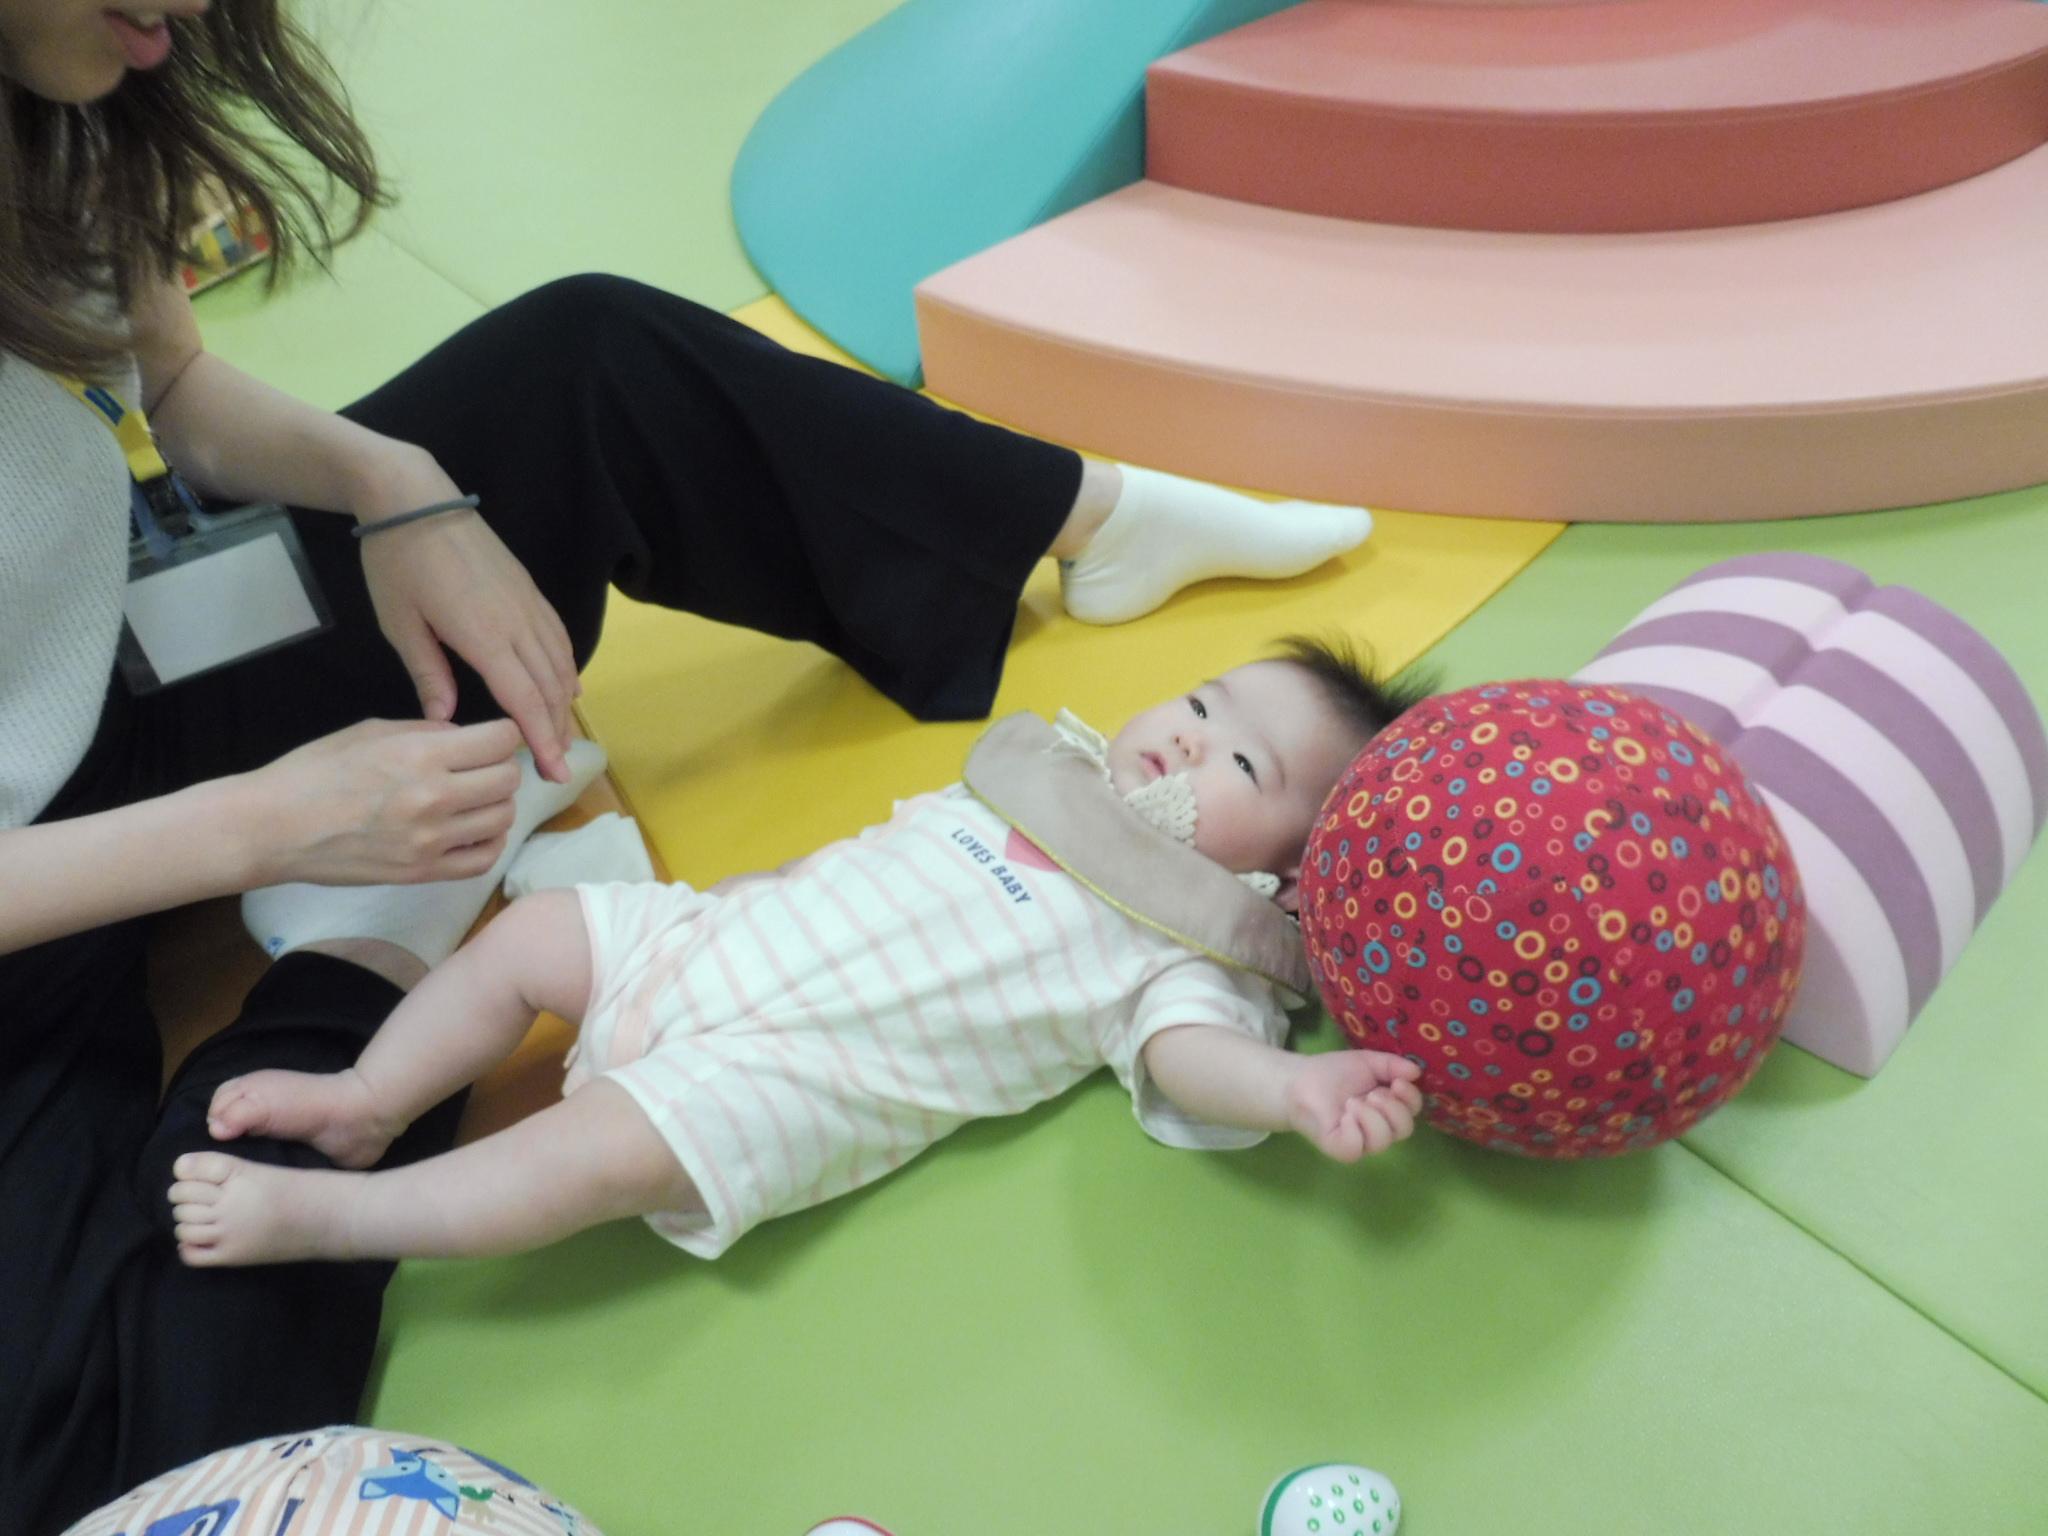 9月10日と12日の赤ちゃんの日イベントの様子